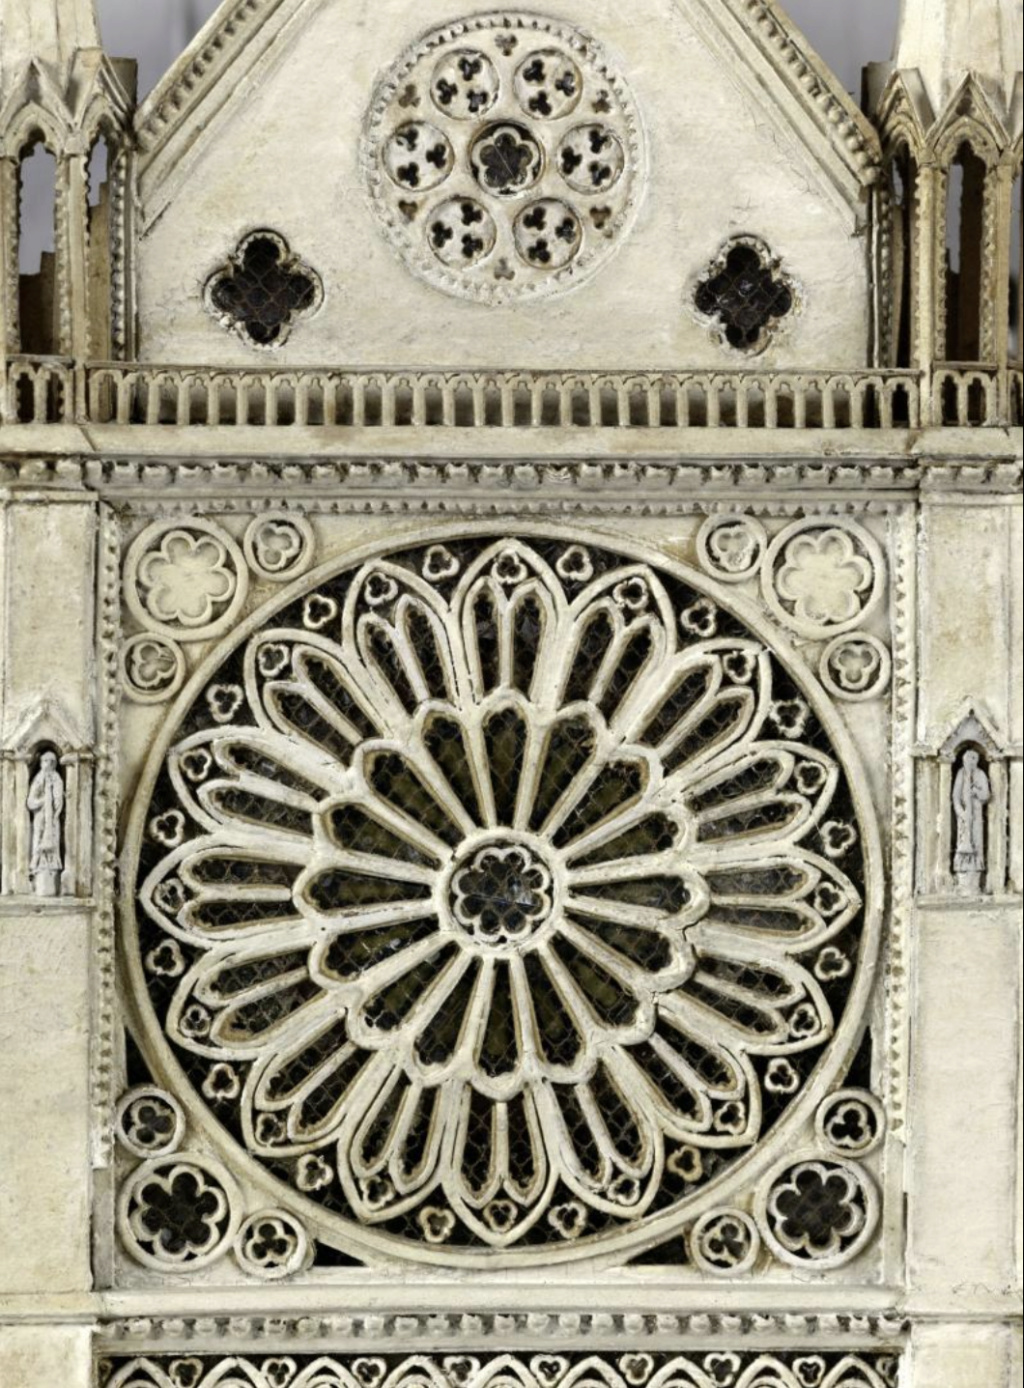 Maquettes historiques de la cathédrale Notre-Dame de Paris Captu917